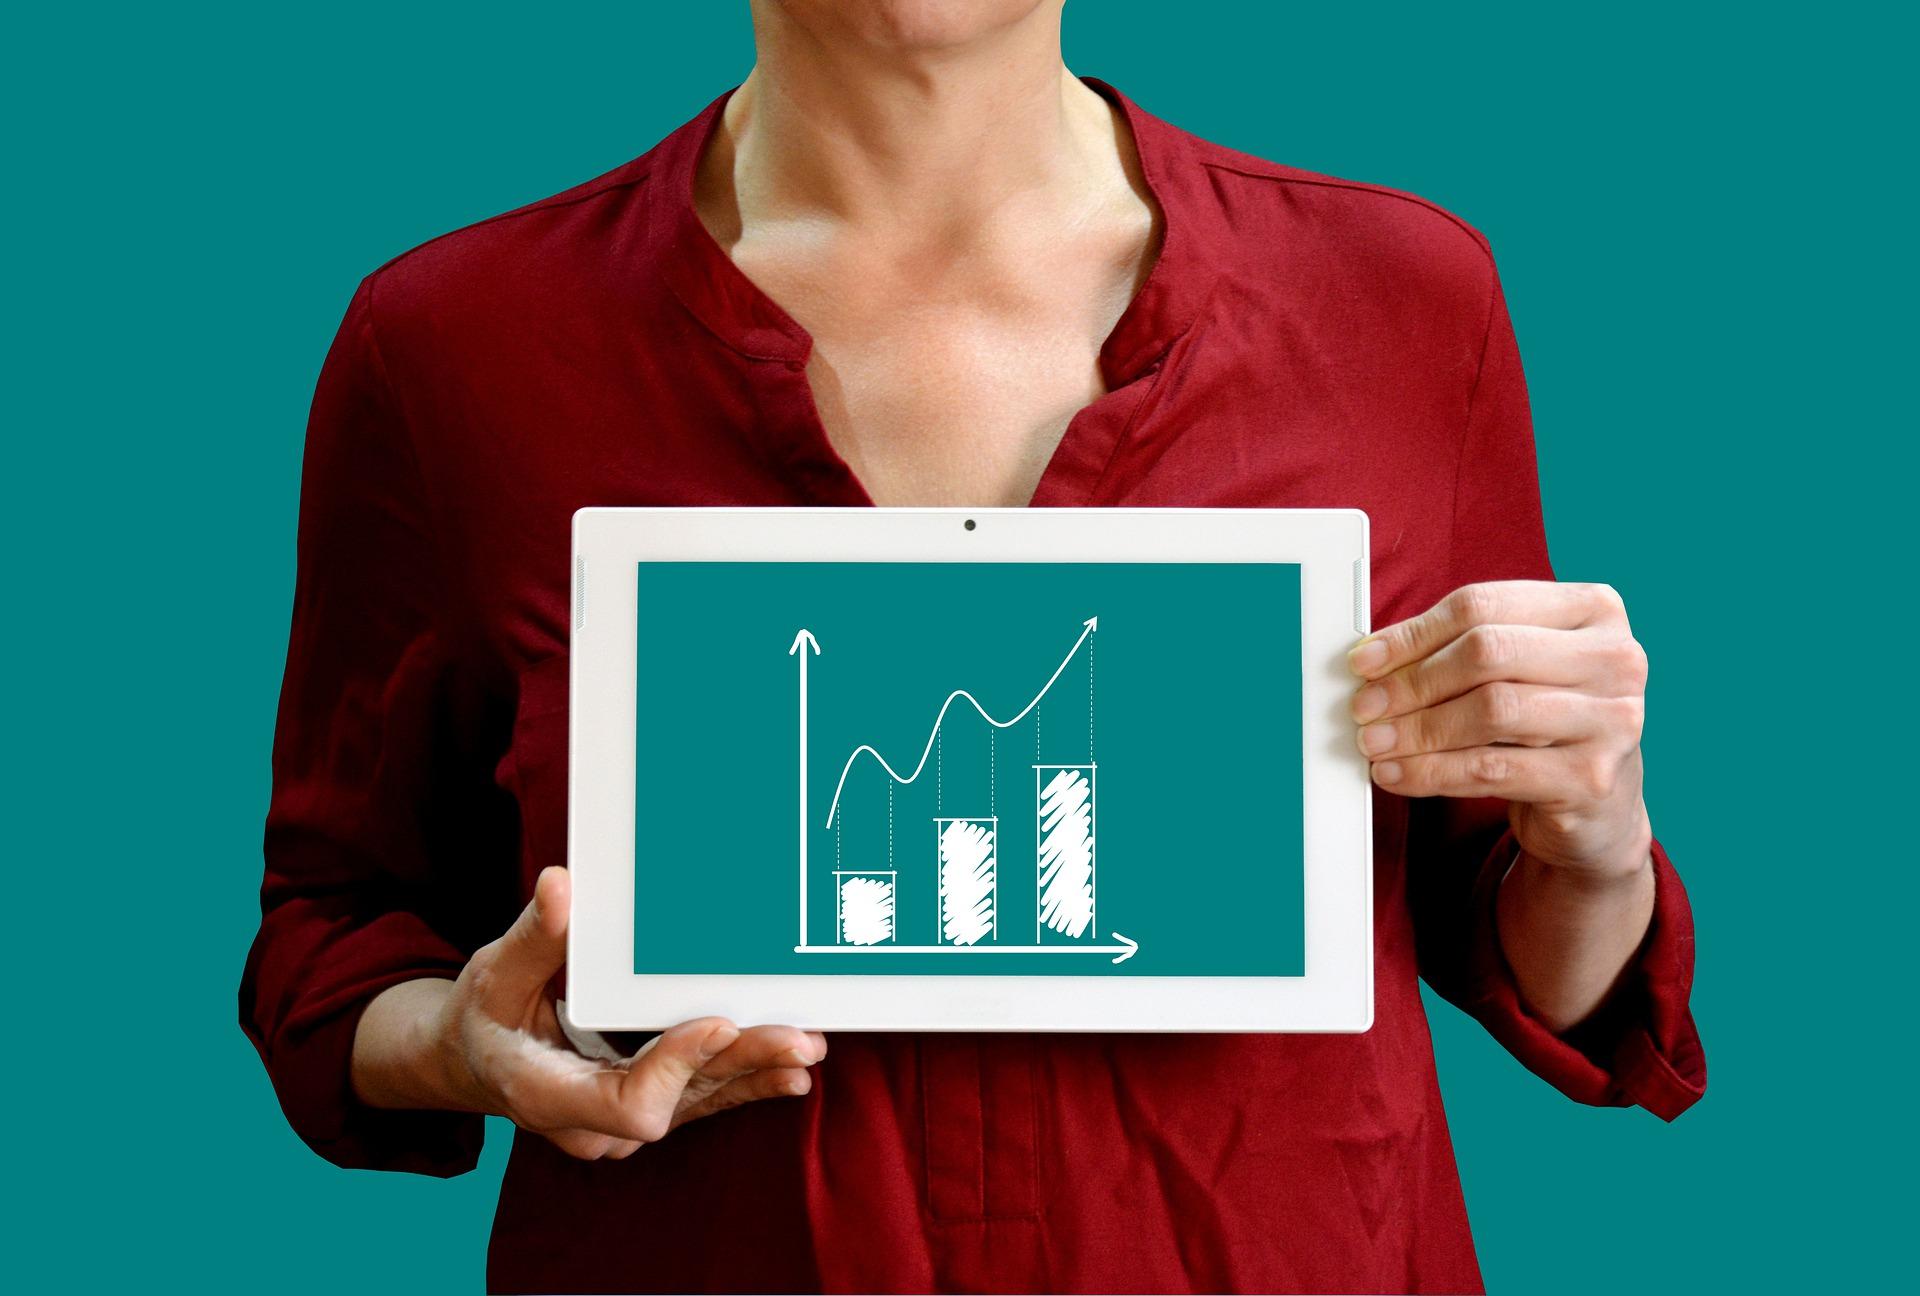 graphique illustrant une augmentation des ventes